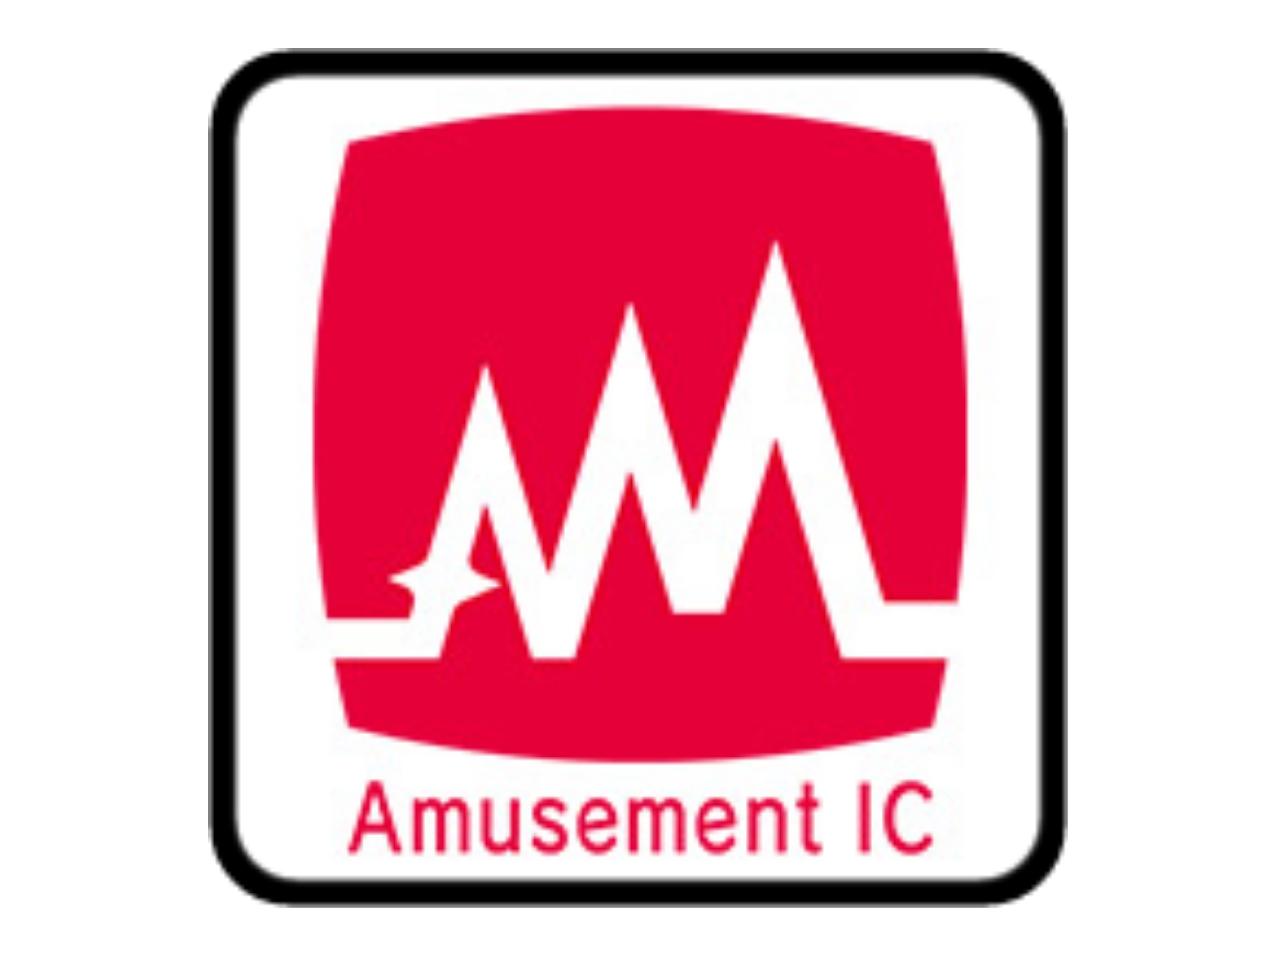 ゲーセンのICカードが「アミューズメントIC」に統一決定!2018年夏に実現